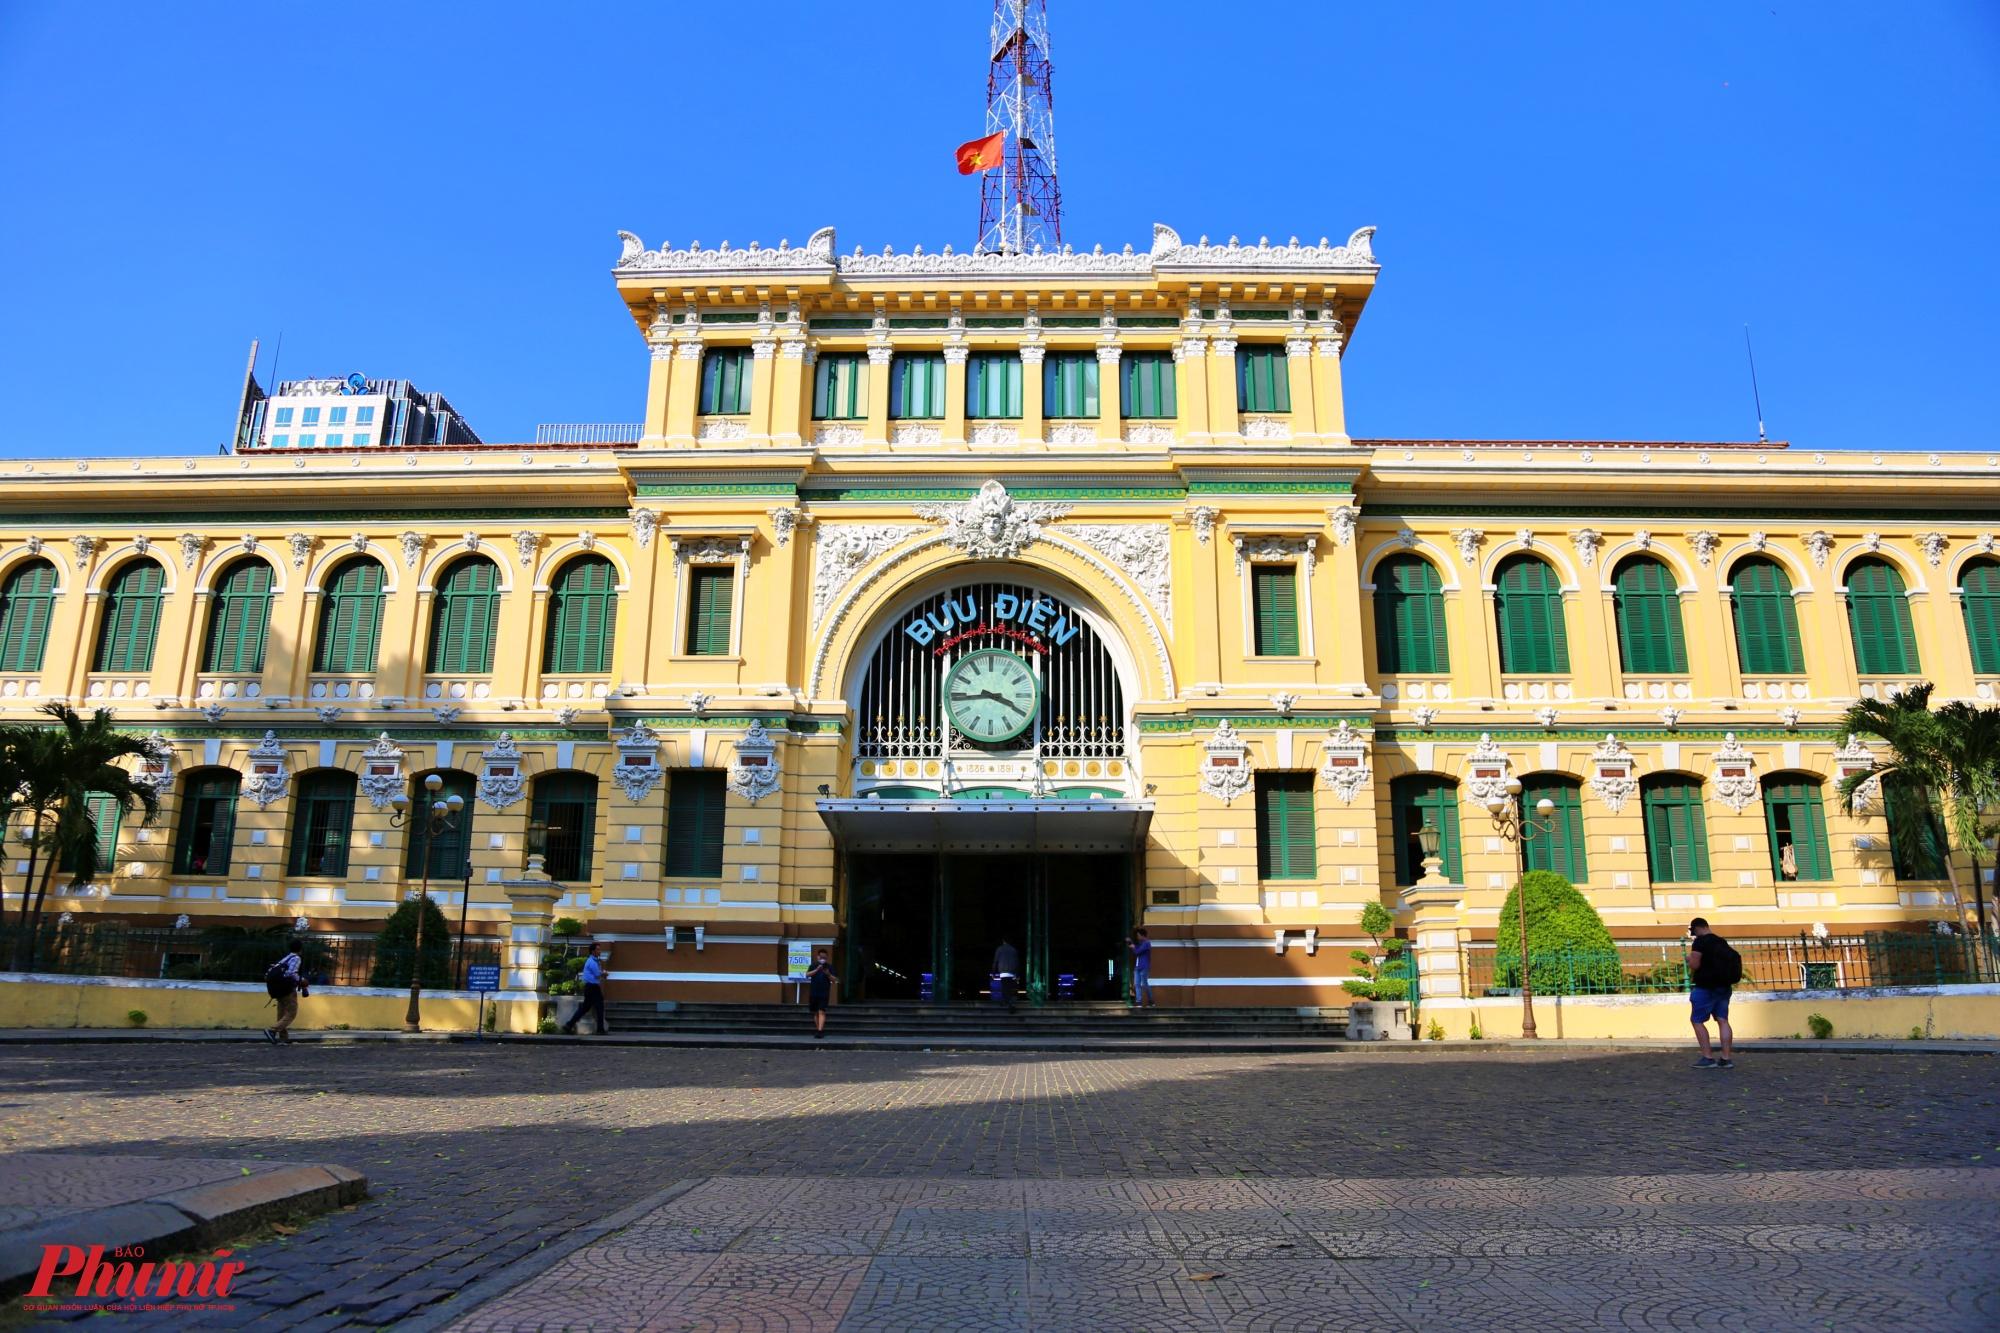 Bưu điện TPHCM nằm ngay bên cạnh nhà thờ Đức Bà cũng chịu chung cảnh đìu hiu vắng vẻ.